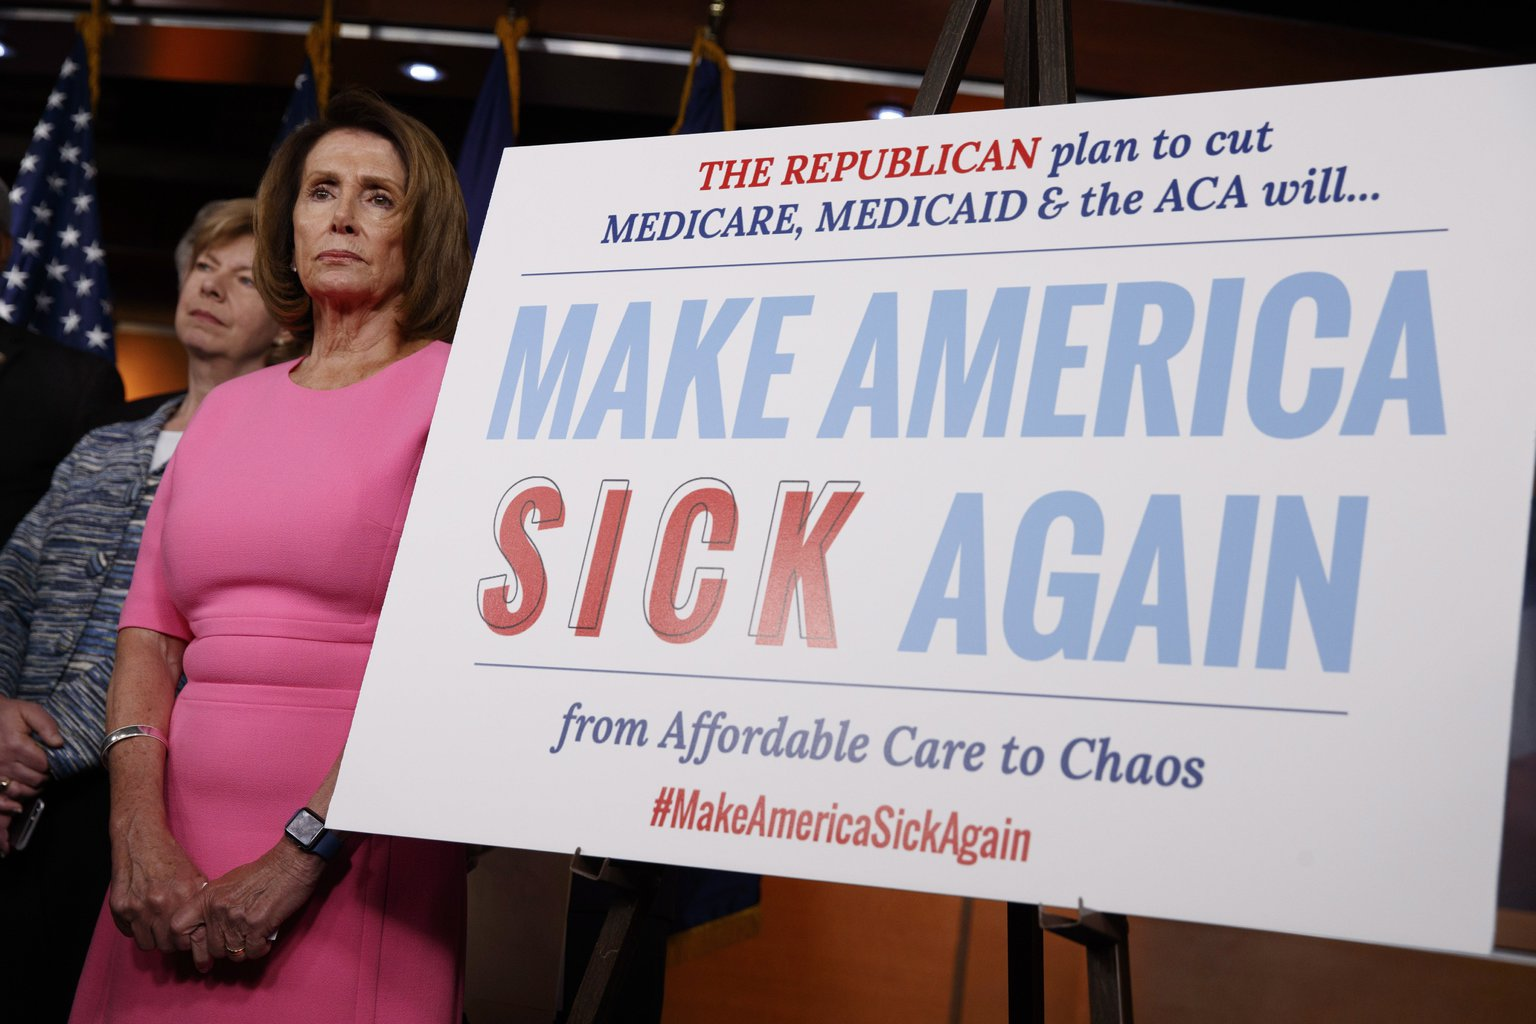 Nancy Pelosi, az amerikai kongresszus demokrata frakciójának vezetője az Obamacare néven ismert amerikai egészségbiztosítási törvény tervezett megszüntetése ügyében tartott sajtótájékoztatón a washingtoni Capitoliumban 2017. január 4-én - a transzparensen álló felirat Donald Trump megválasztott republikánus elnök kampányszövegének módosításával tiltakozik a törvény eltörlése ellen (MTI/AP/Evan Vucci)